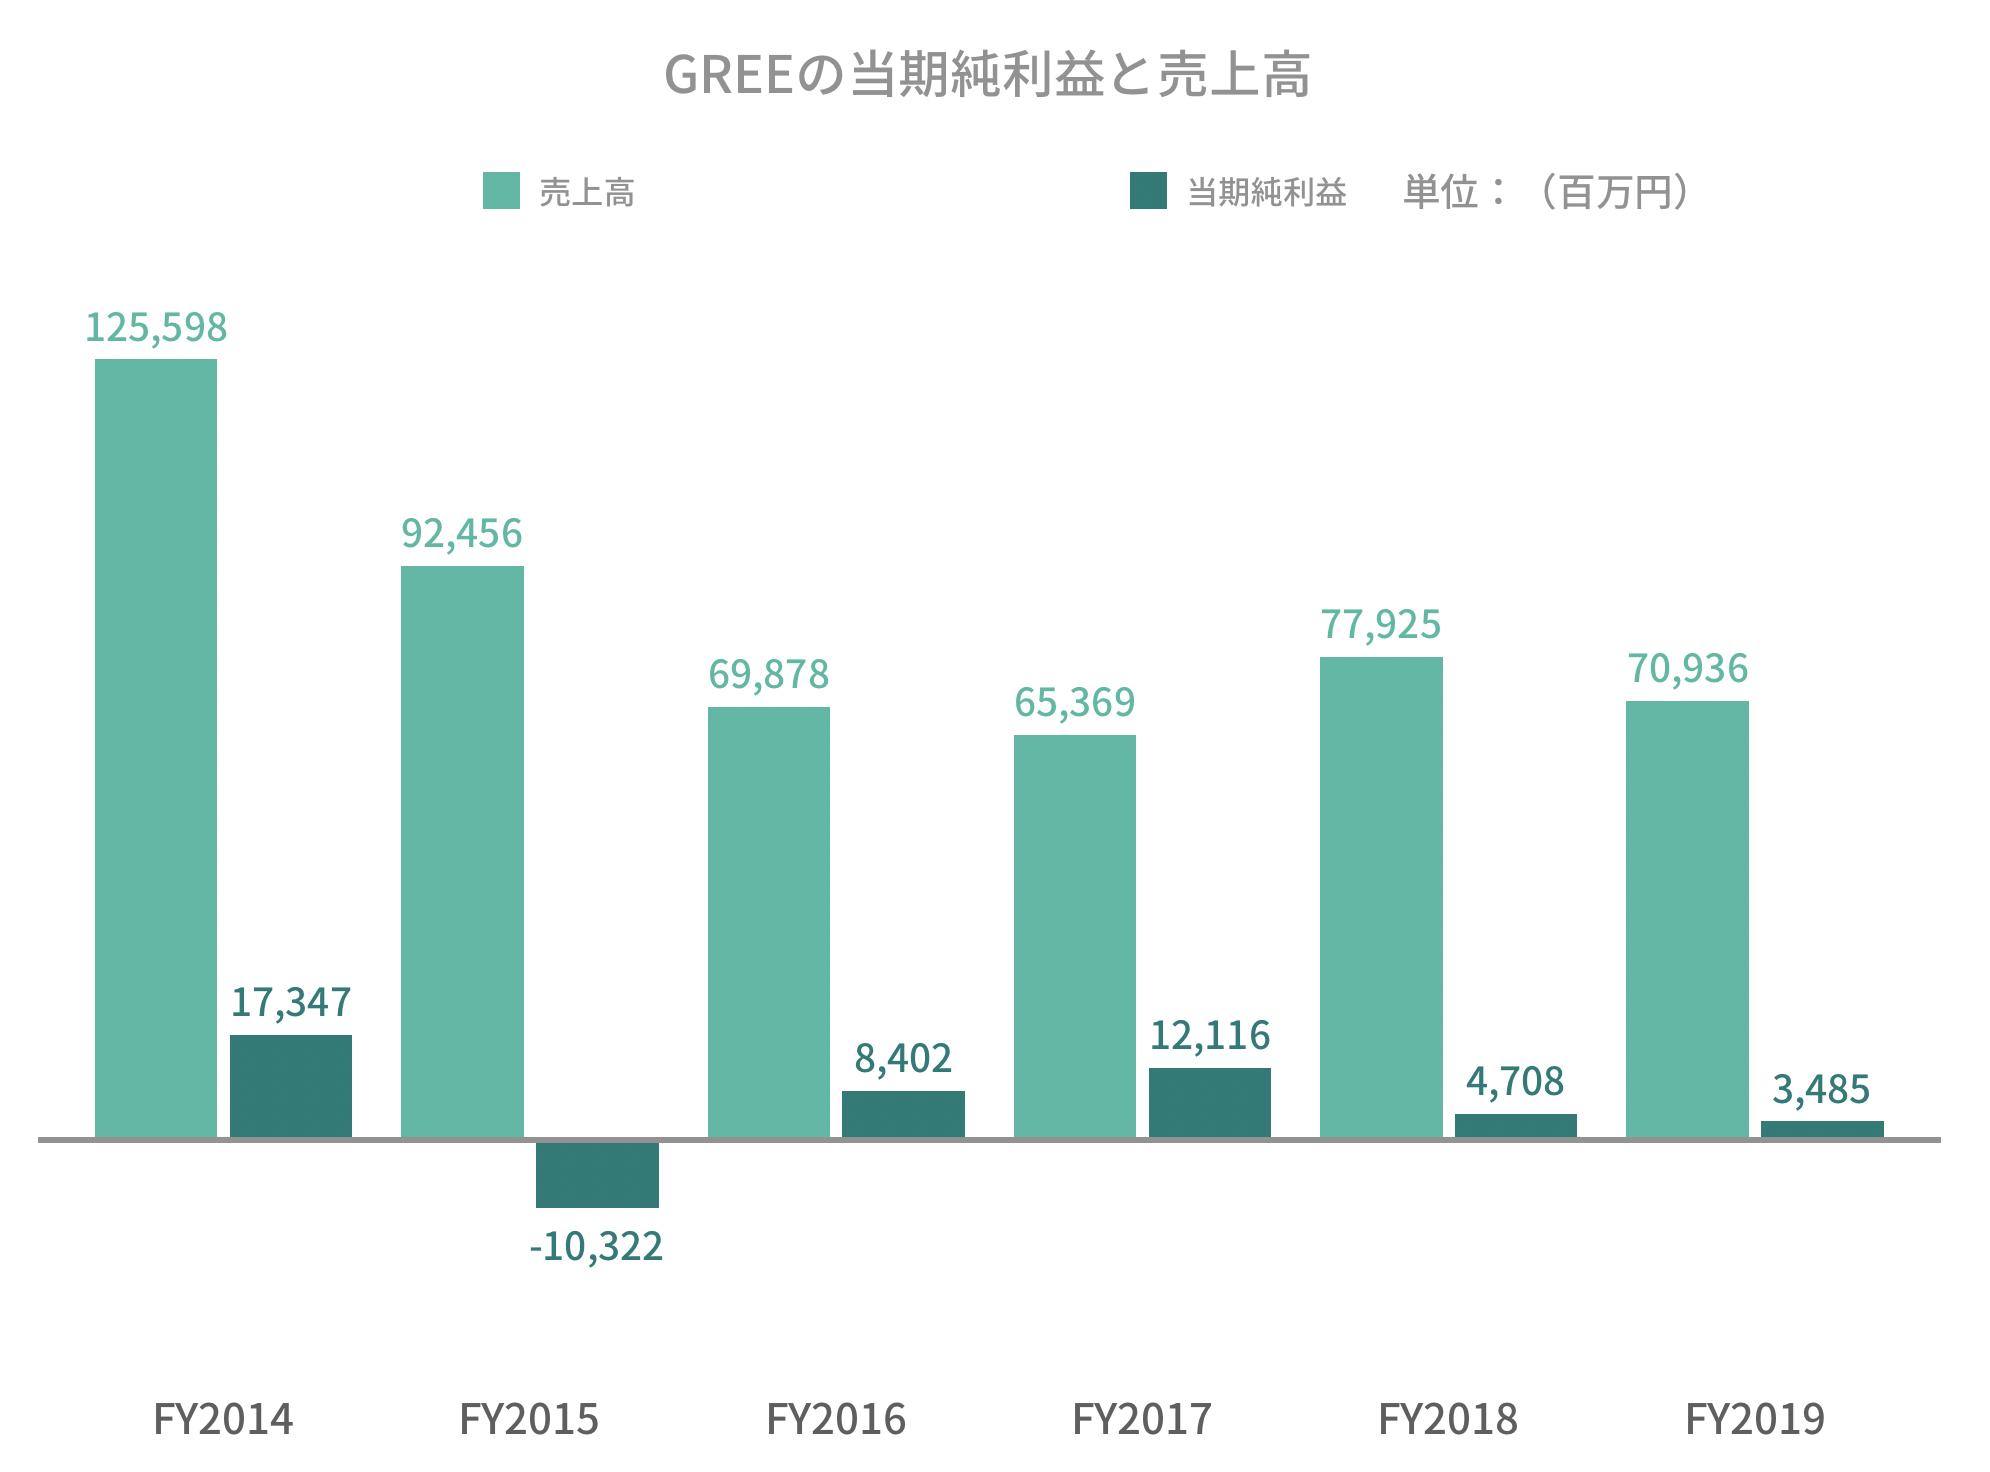 GREEの当期純利益と売上高